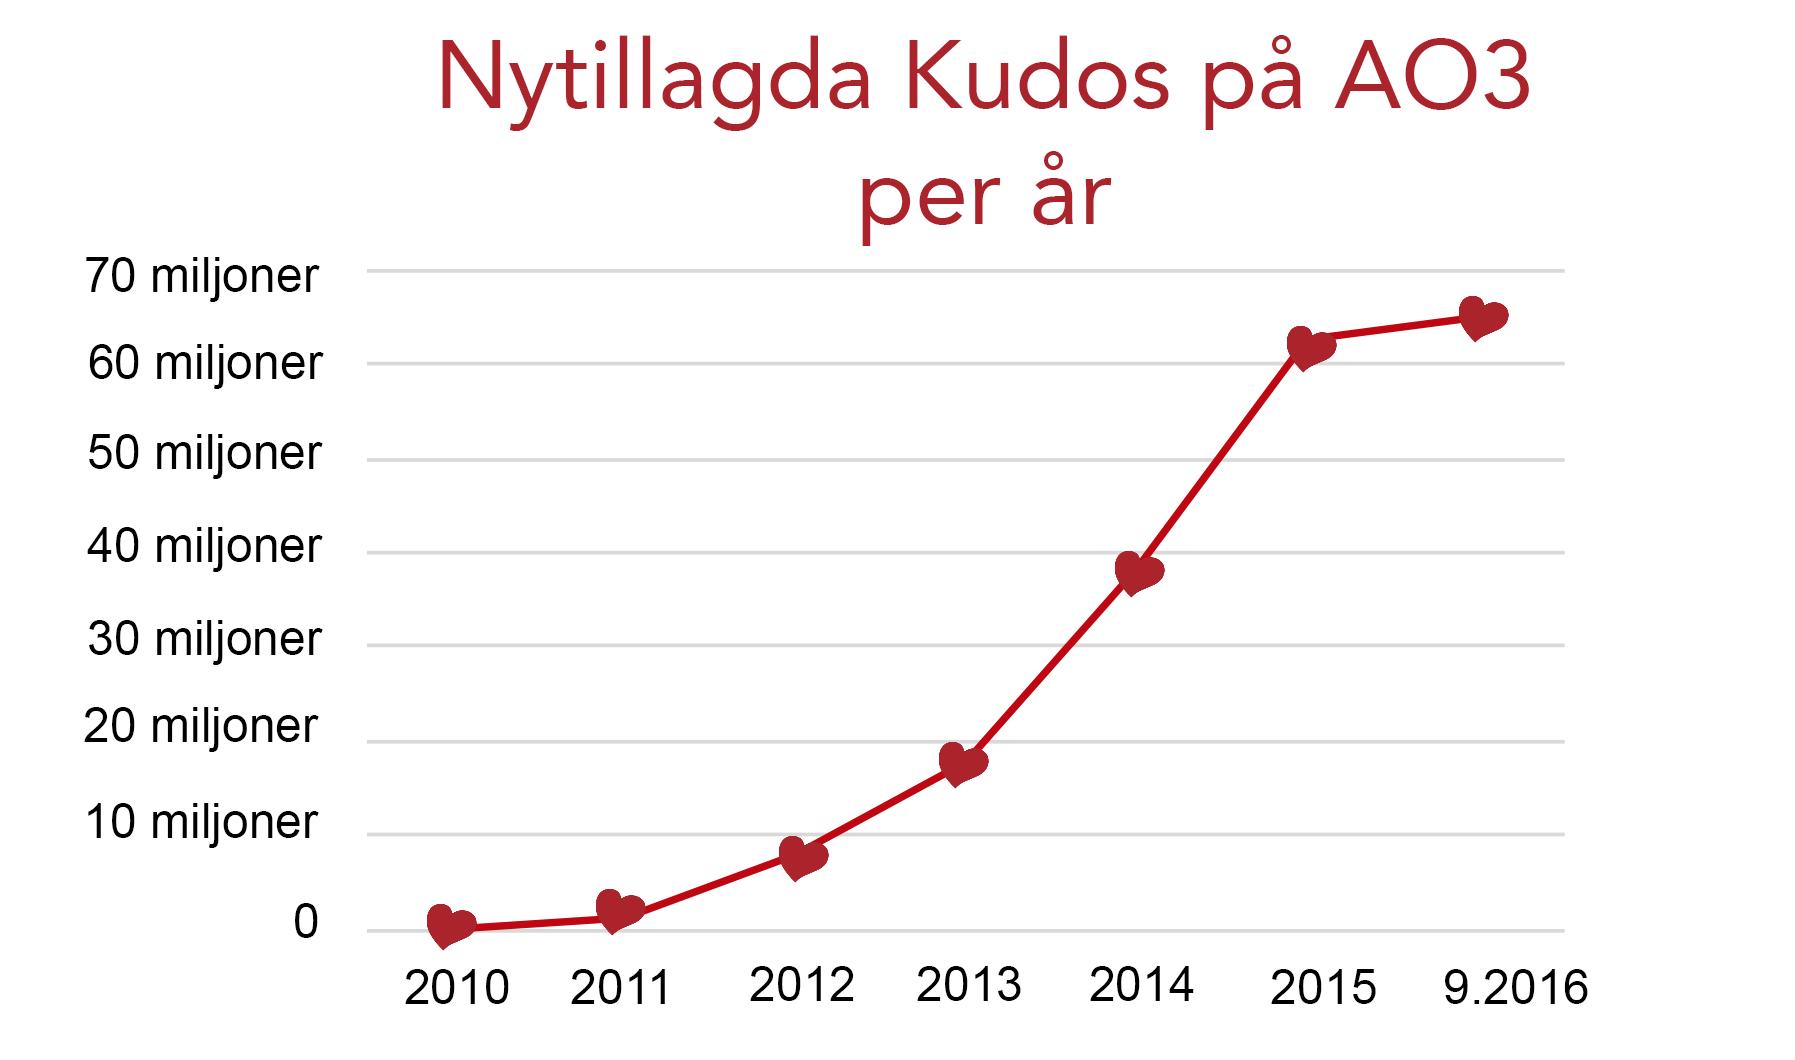 Tillväxtgraf för Kudos på AO3, från noll 2010 till över 60 miljoner nu i september 2016.